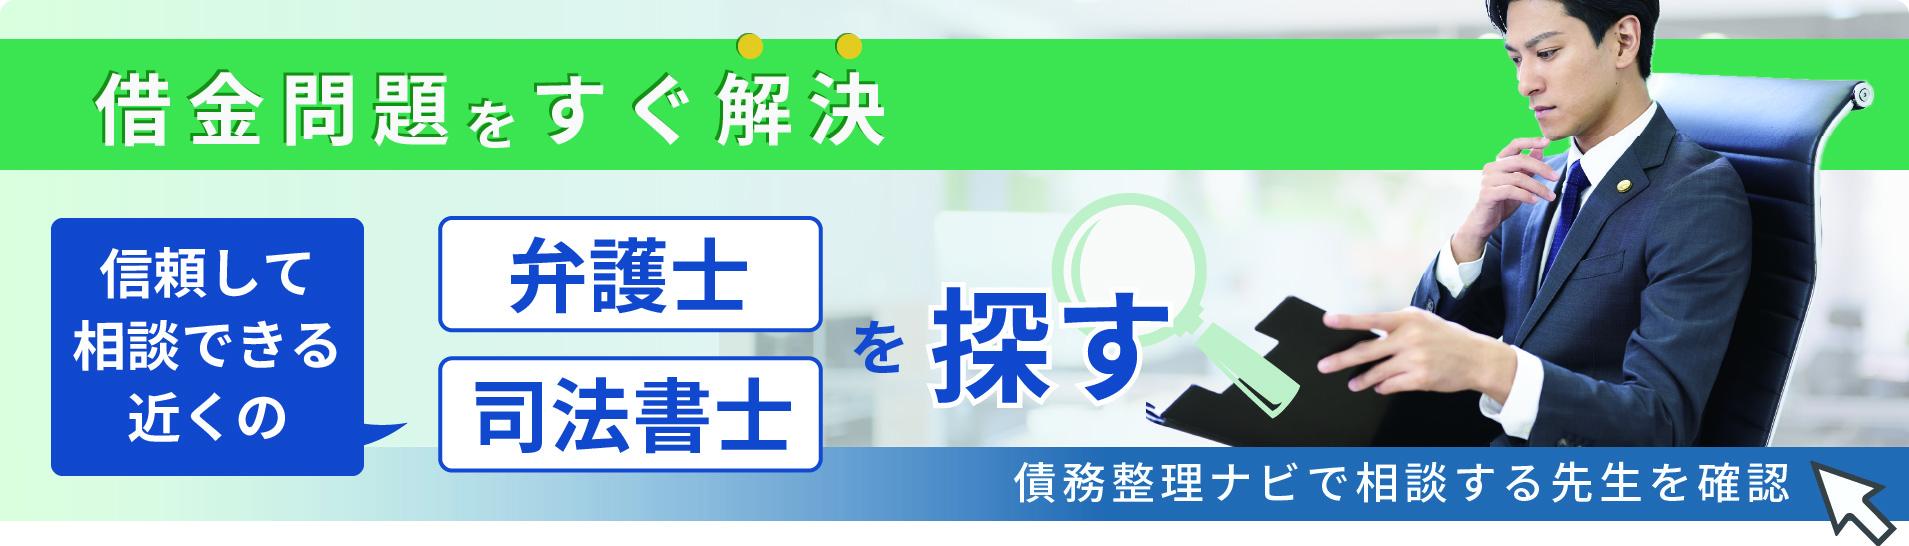 富山県で相談できる近くの弁護士・司法書士を探す